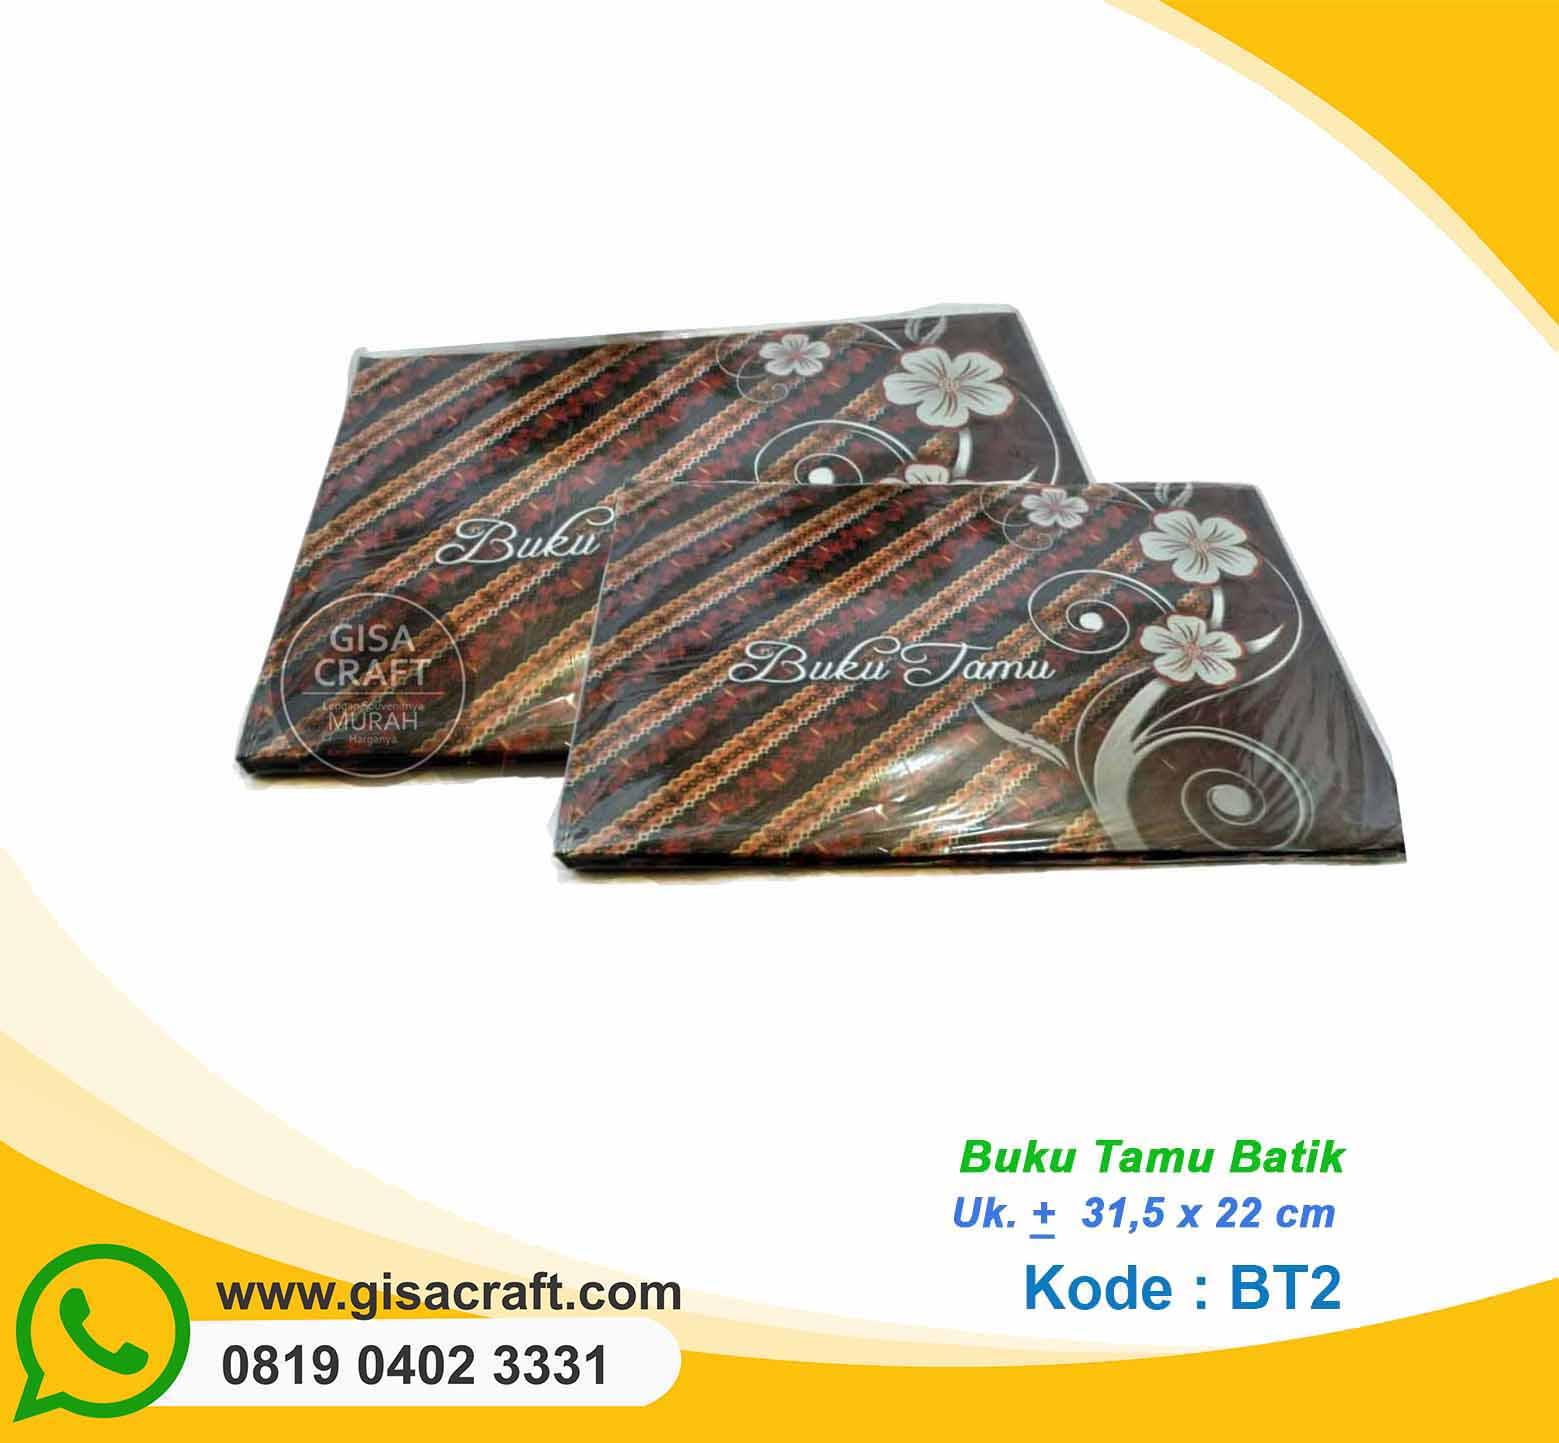 Buku Tamu Batik BT2